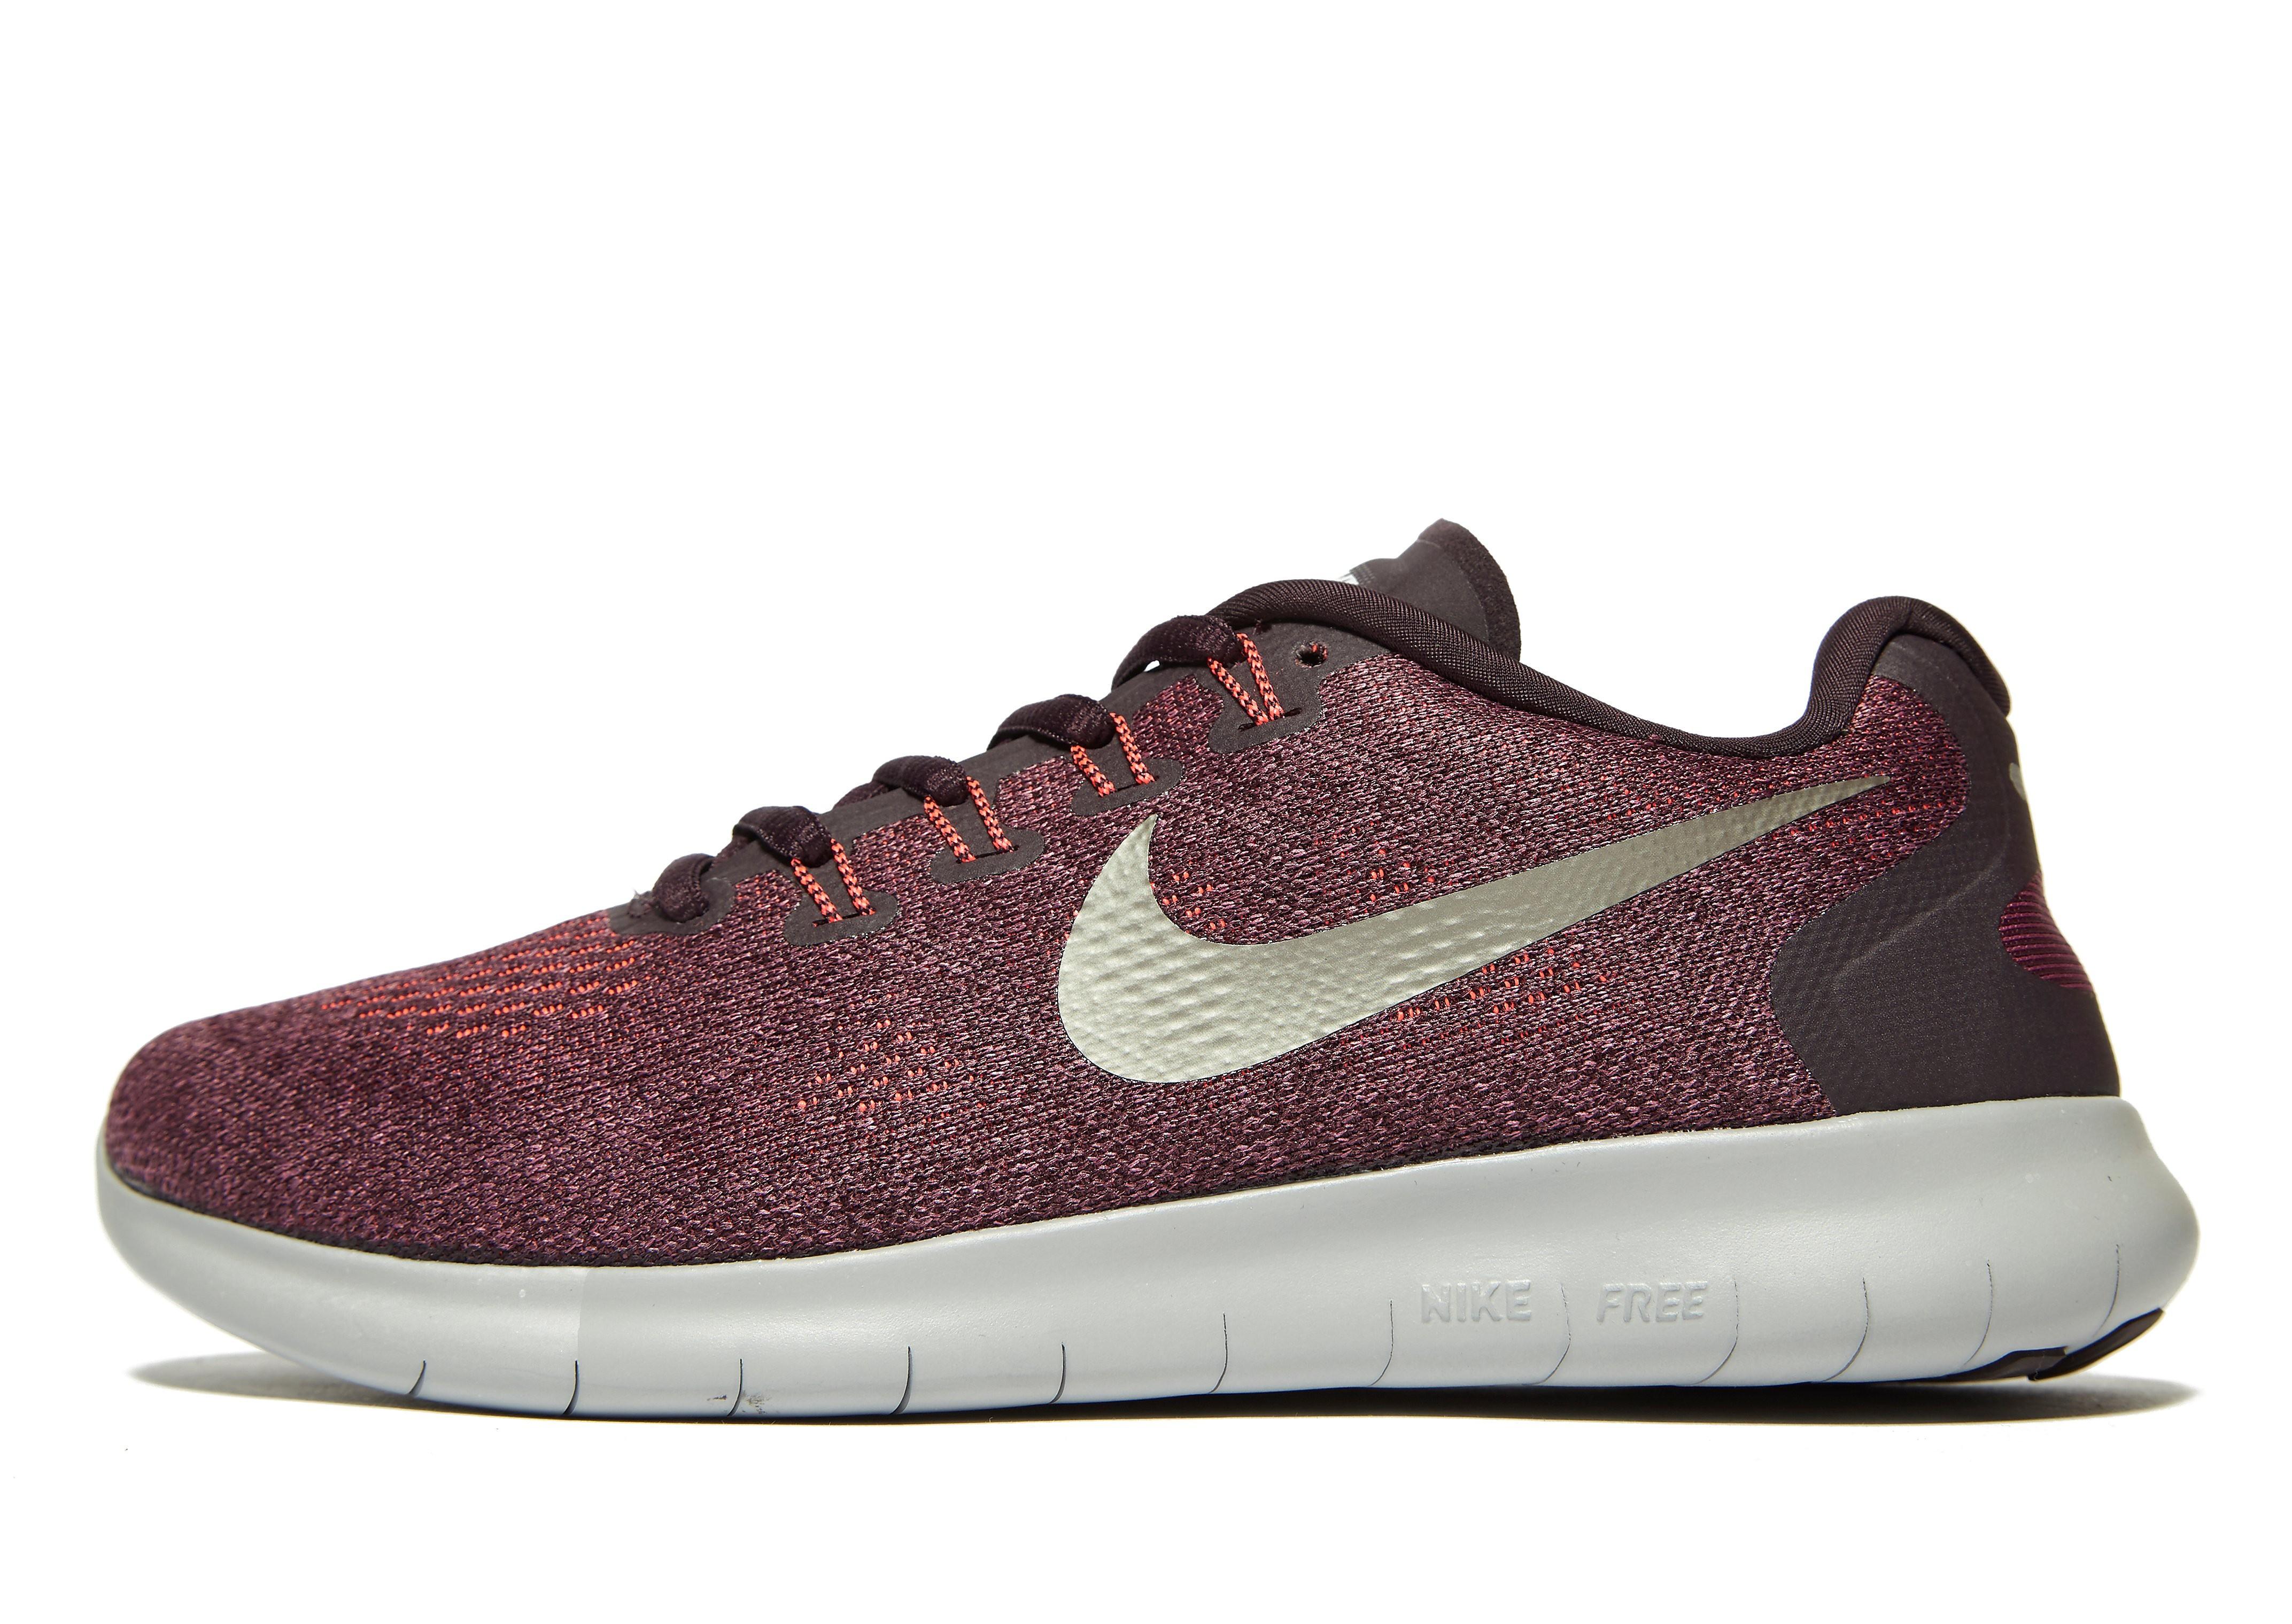 Nike Free RN Dam